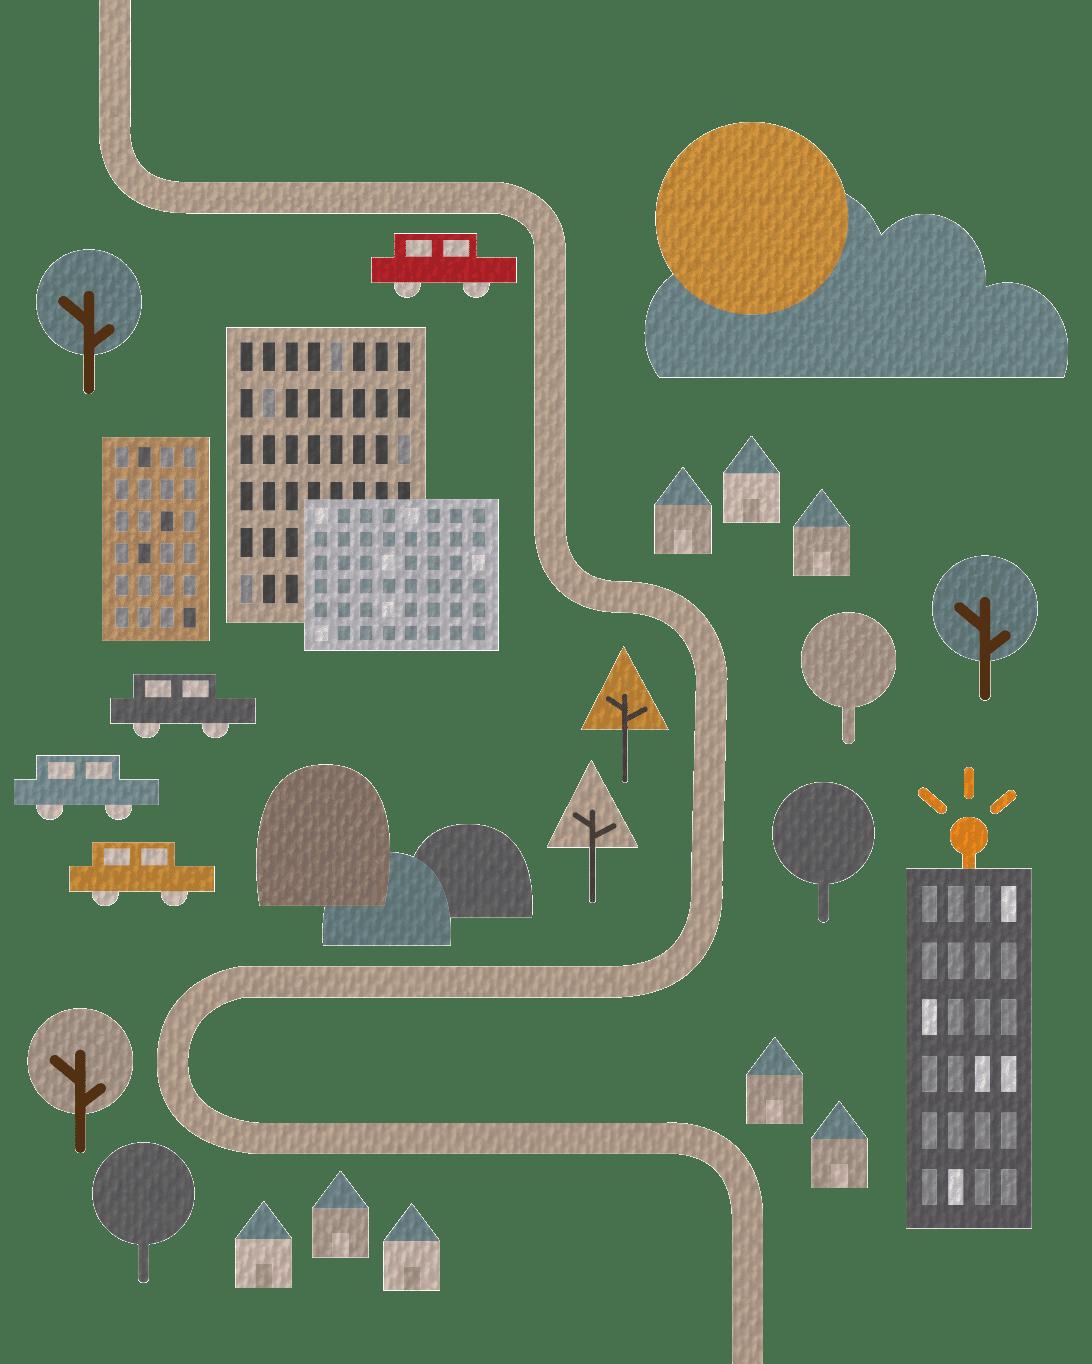 Patientenreise illustrativ veranschaulicht